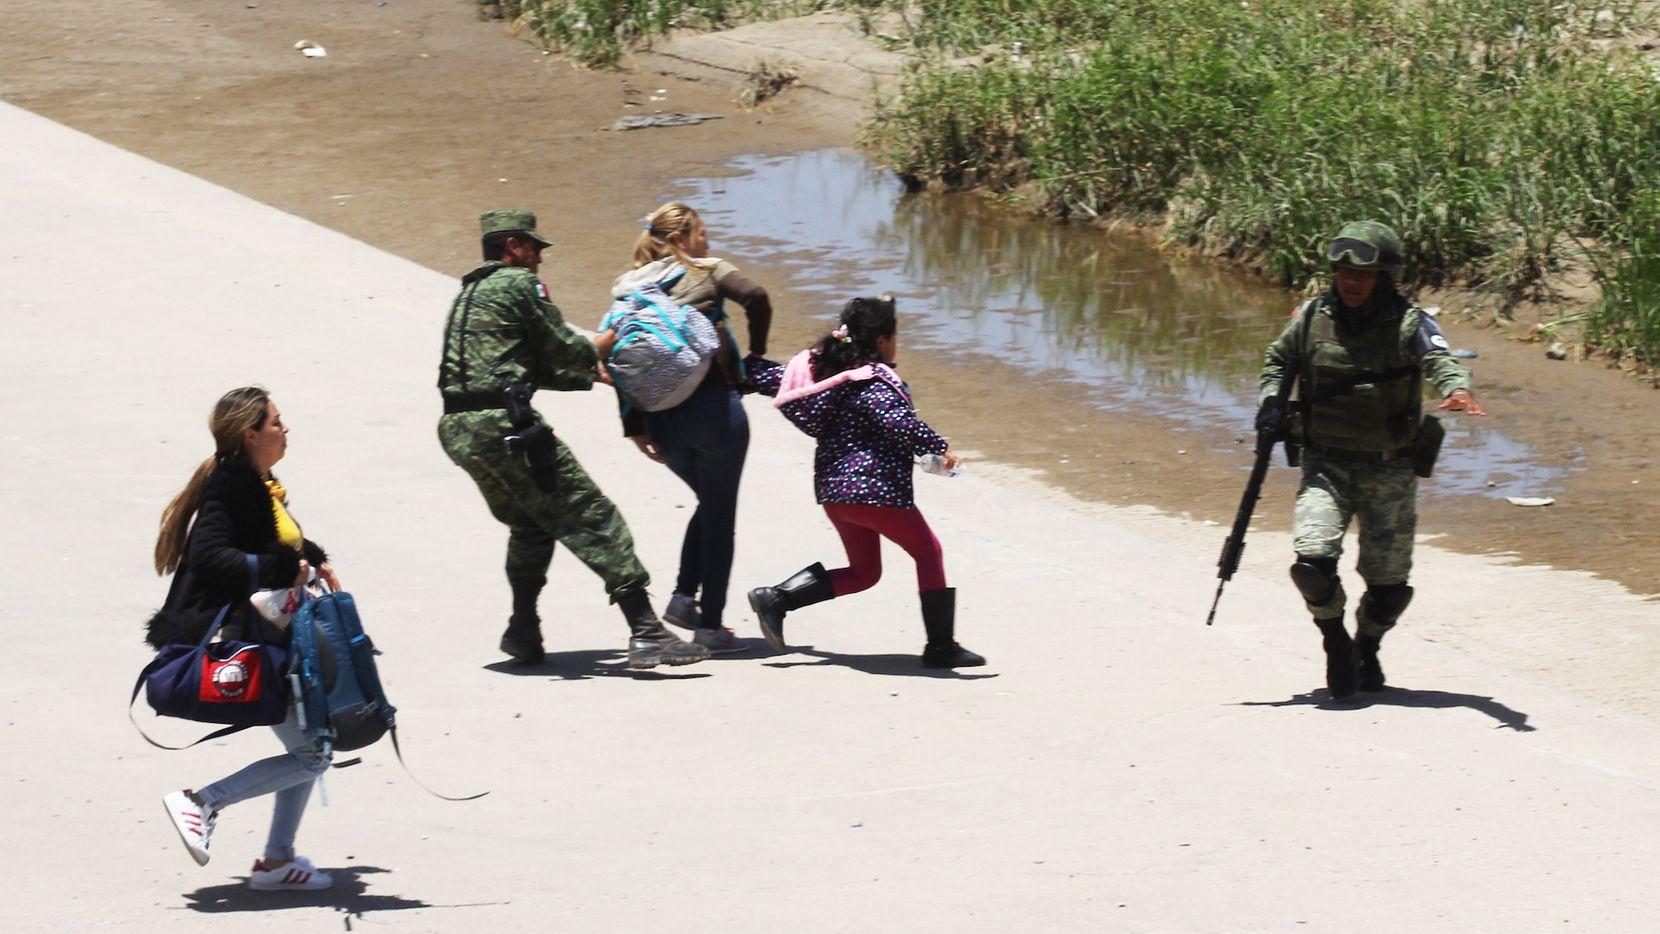 Elementos de la Guardia Nacional de México tratan de evitar que migrantes crucen el Río Grande de México hacia Estados Unidos. HERIKA MARTINEZ/AFP/Getty Images)